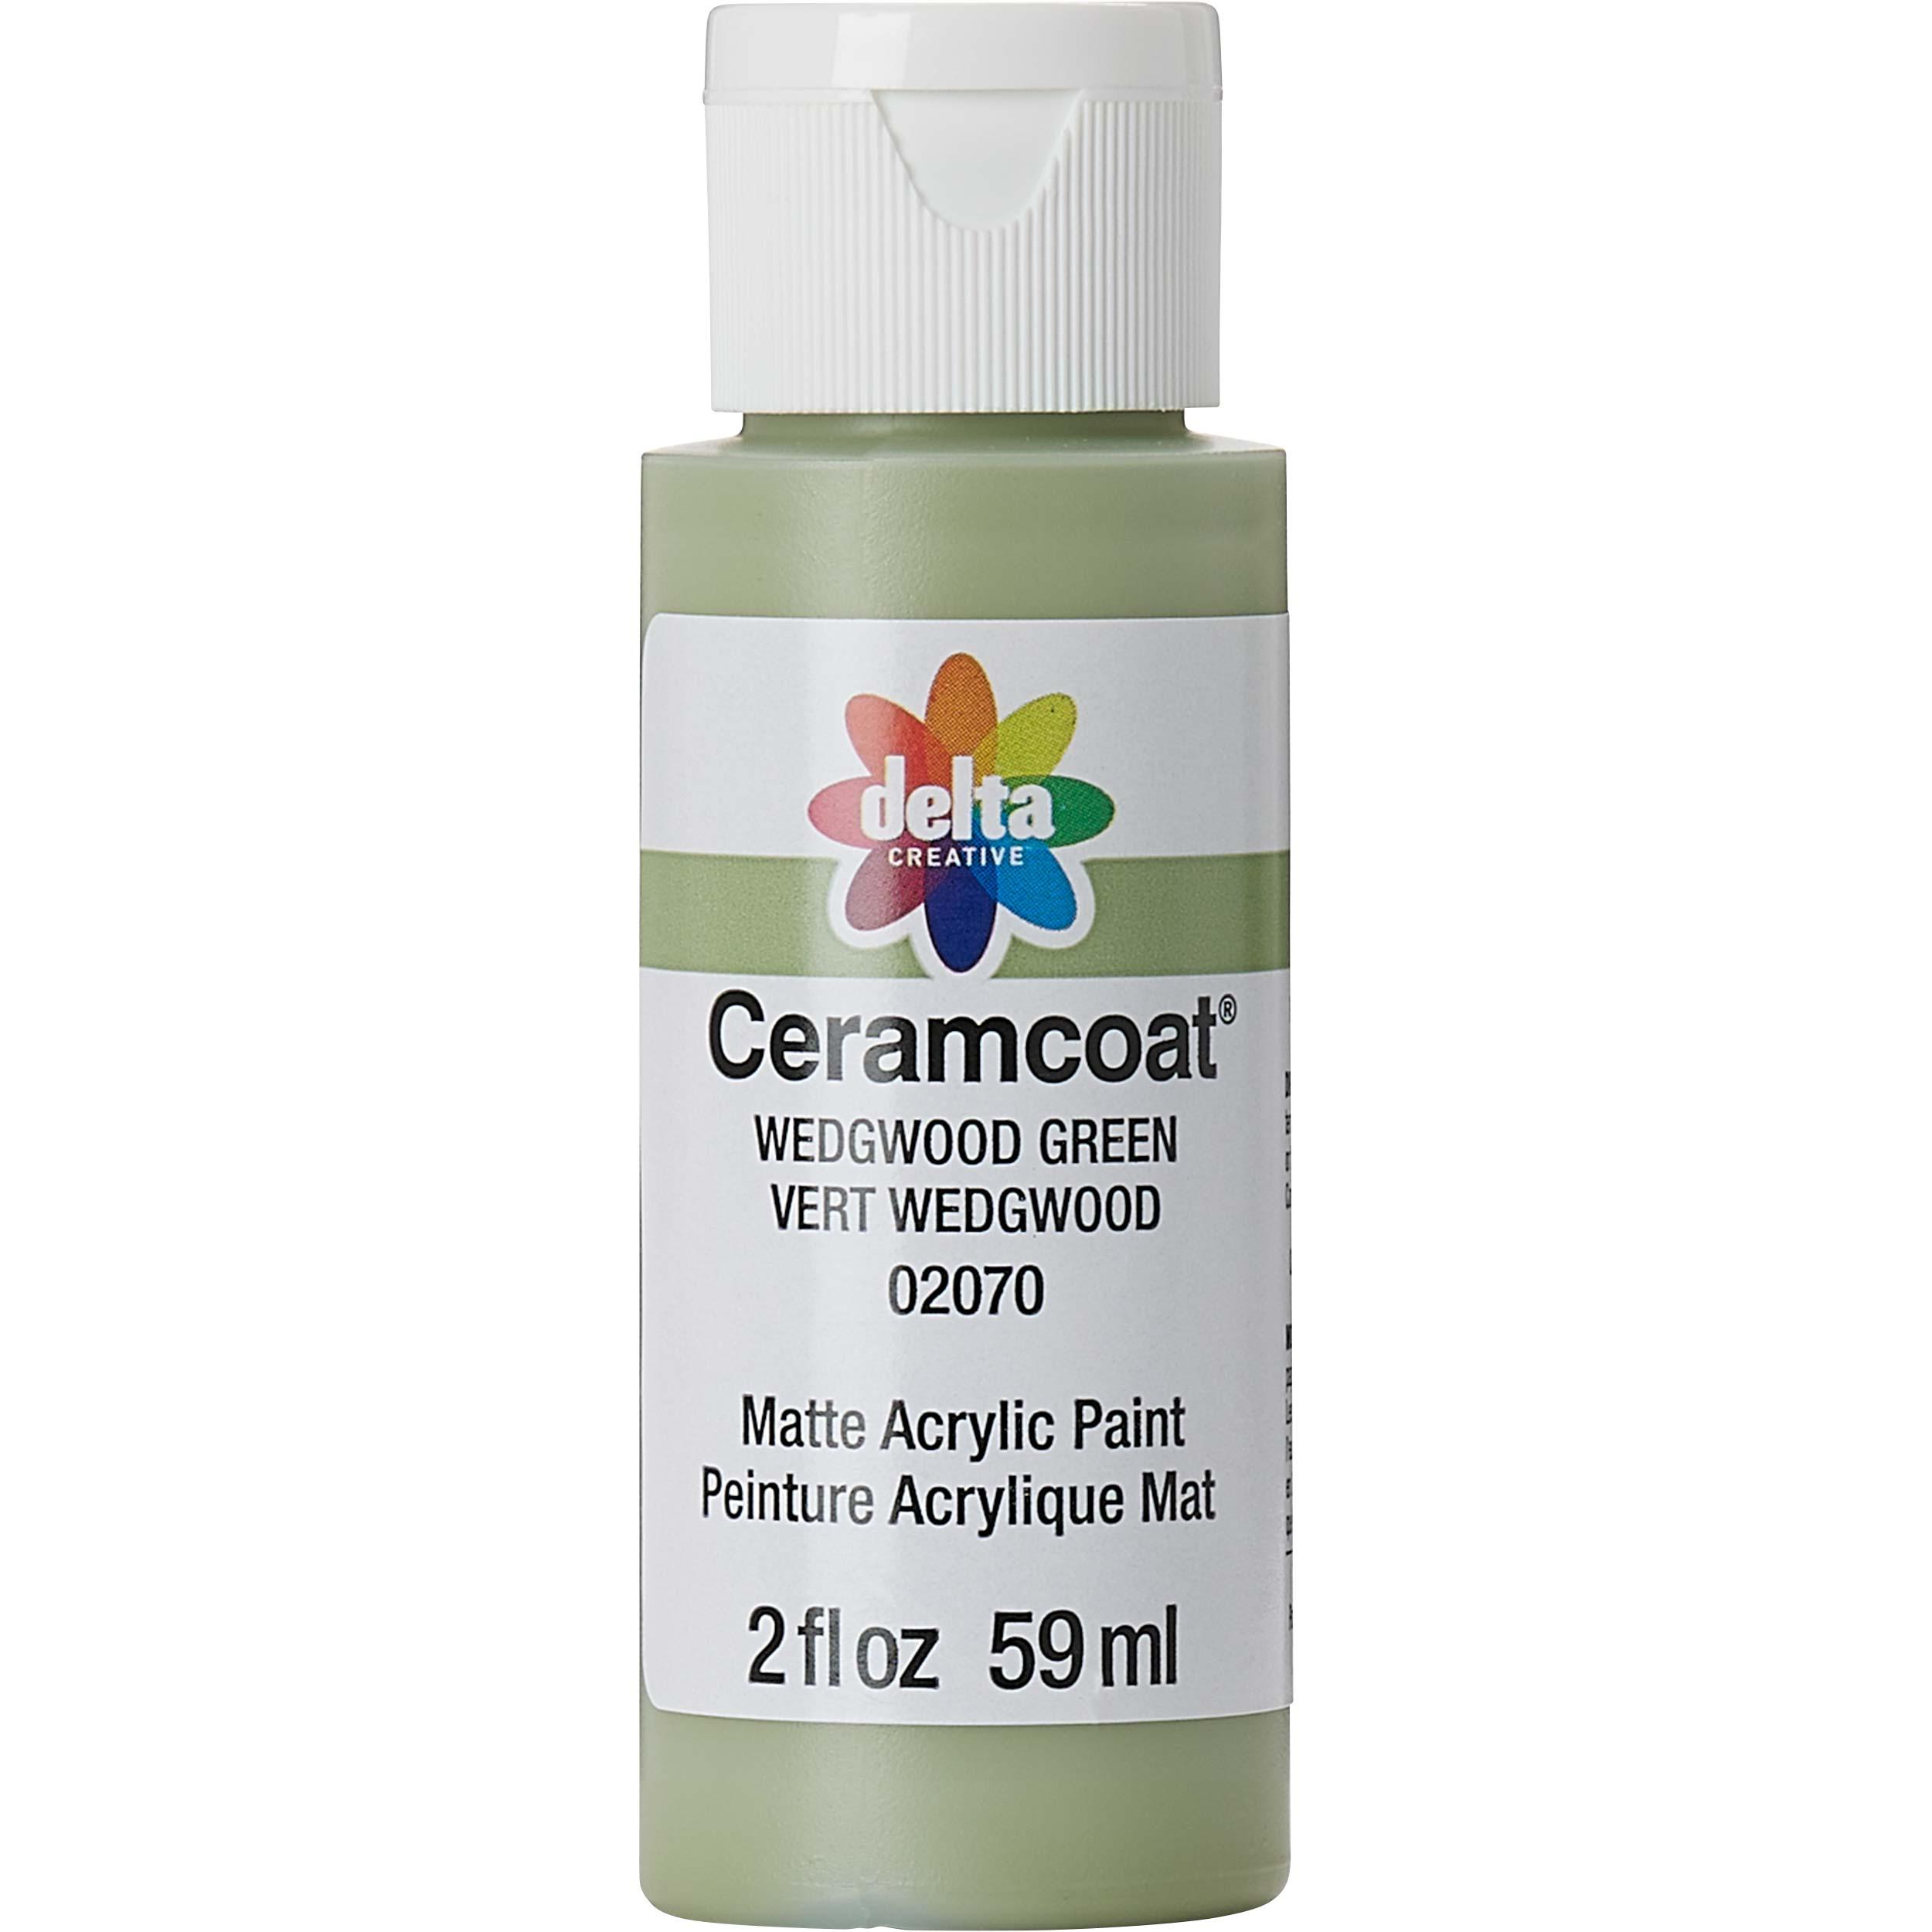 Delta Ceramcoat ® Acrylic Paint - Wedgwood Green, 2 oz.